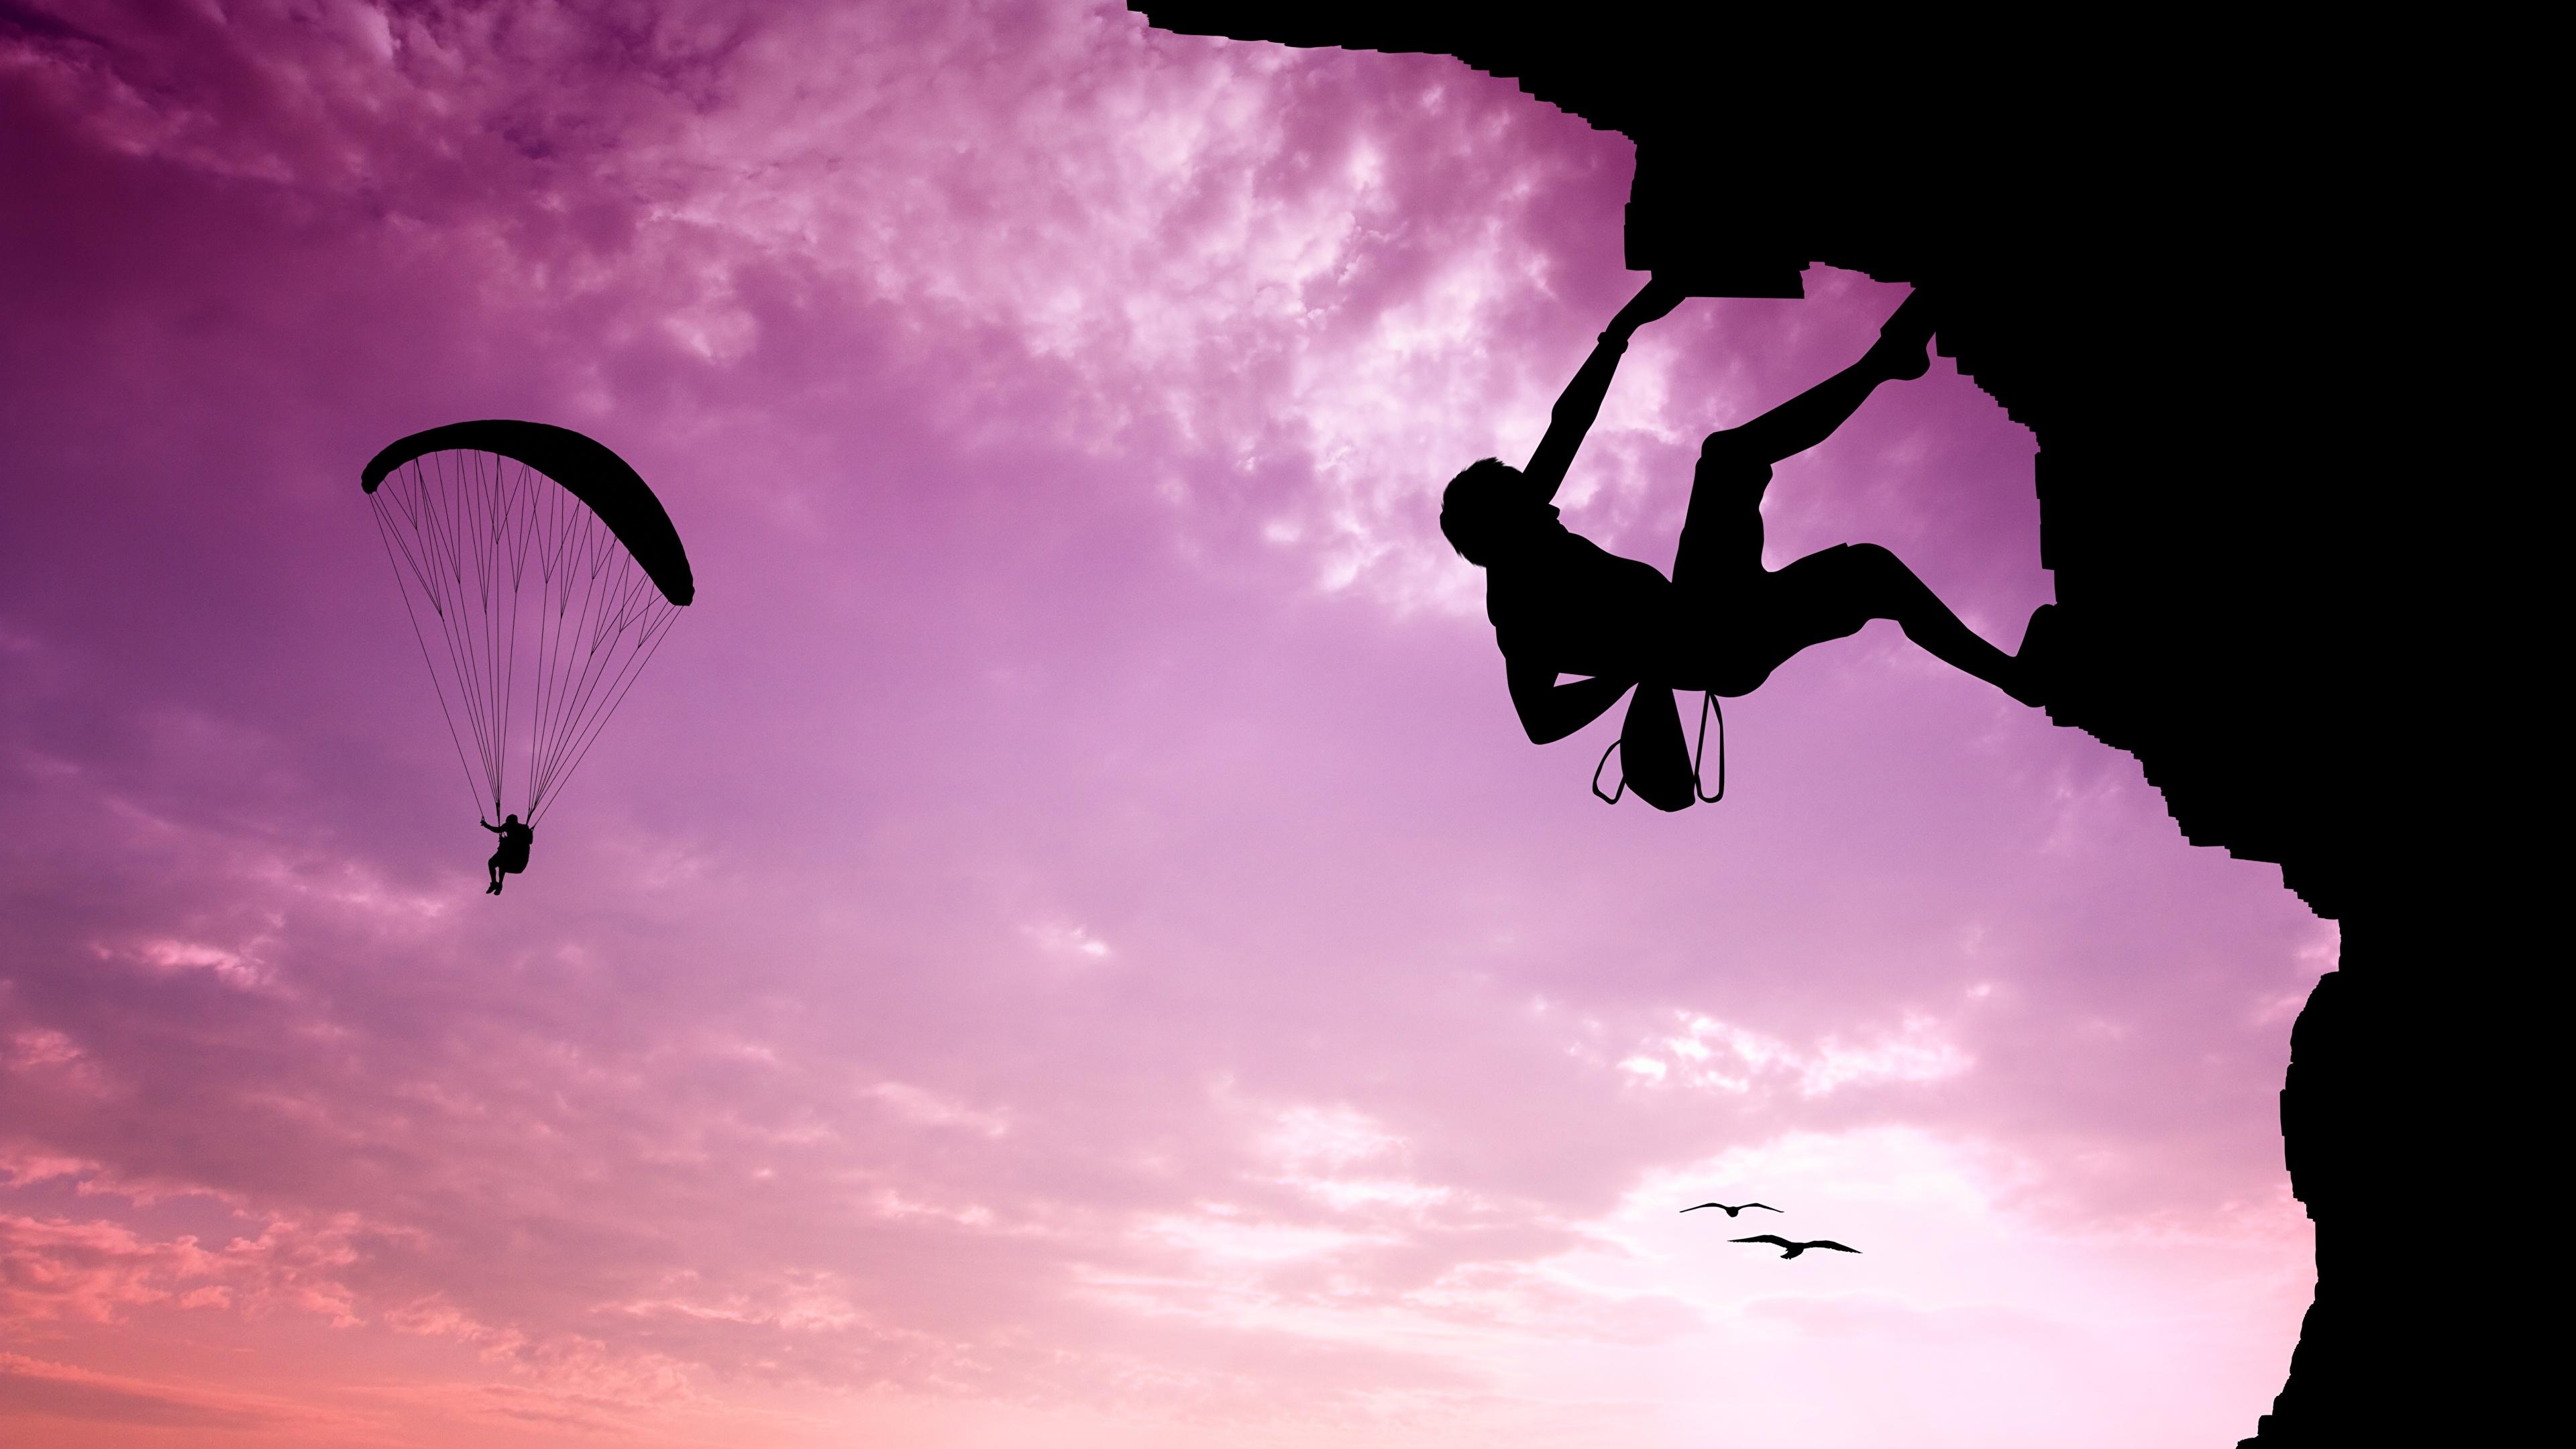 Картинки альпинисты силуэта Спорт Альпинизм Парашютизм скайдайвинг Небо 3840x2160 Альпинист Силуэт силуэты спортивный спортивная спортивные